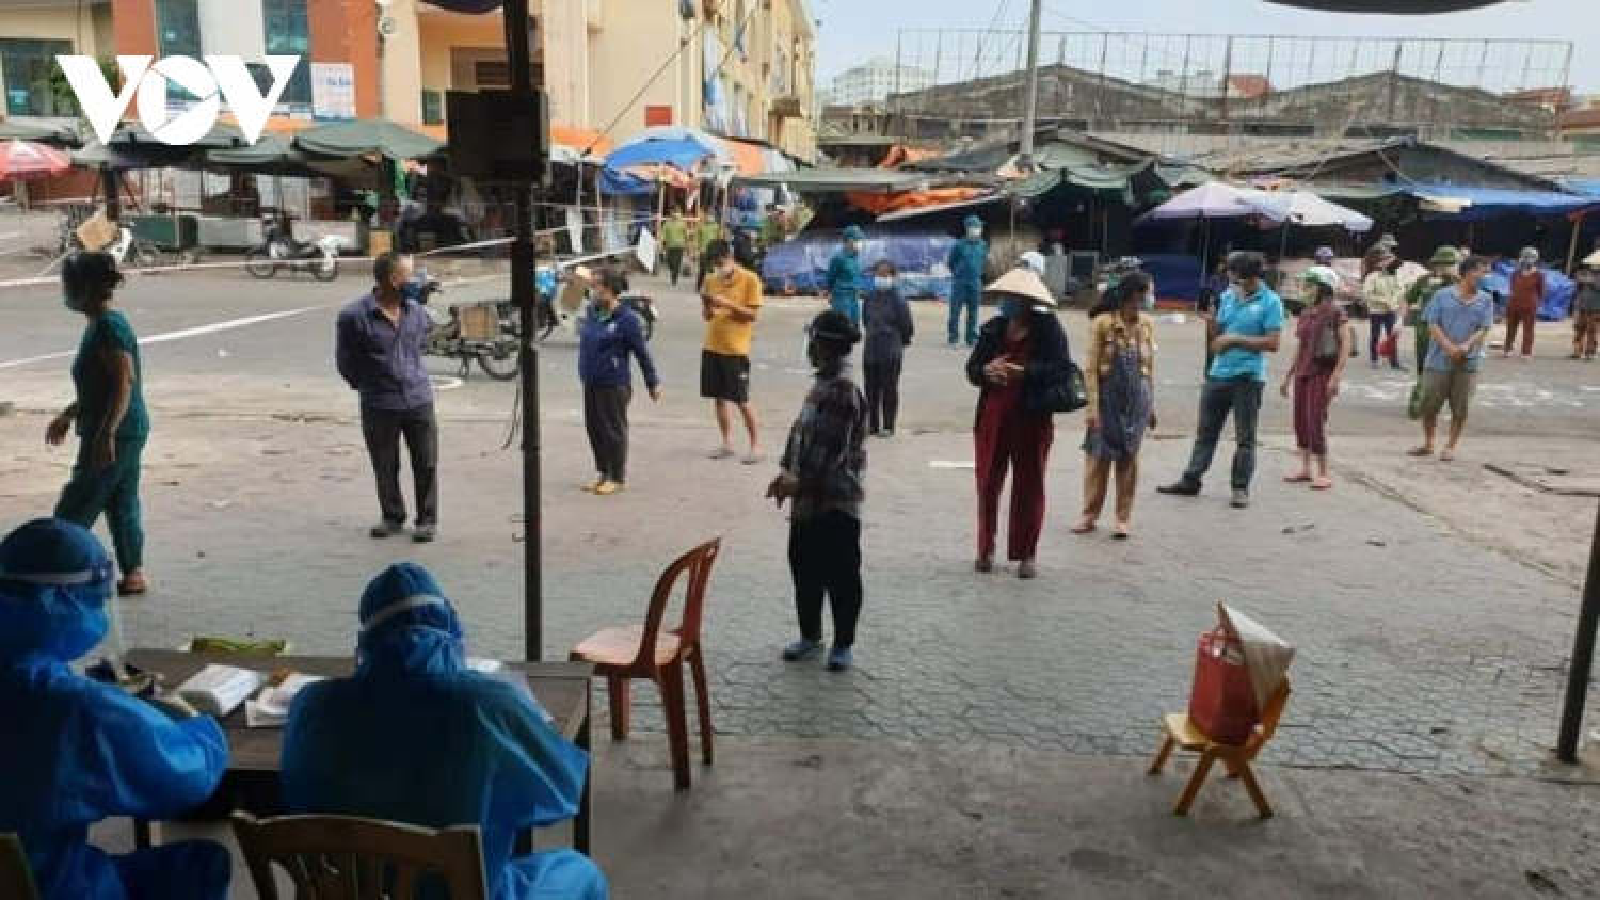 Thêm 5 ca mắc Covid-19 ở Nghệ An liên quan đến chợ đầu mối TP Vinh